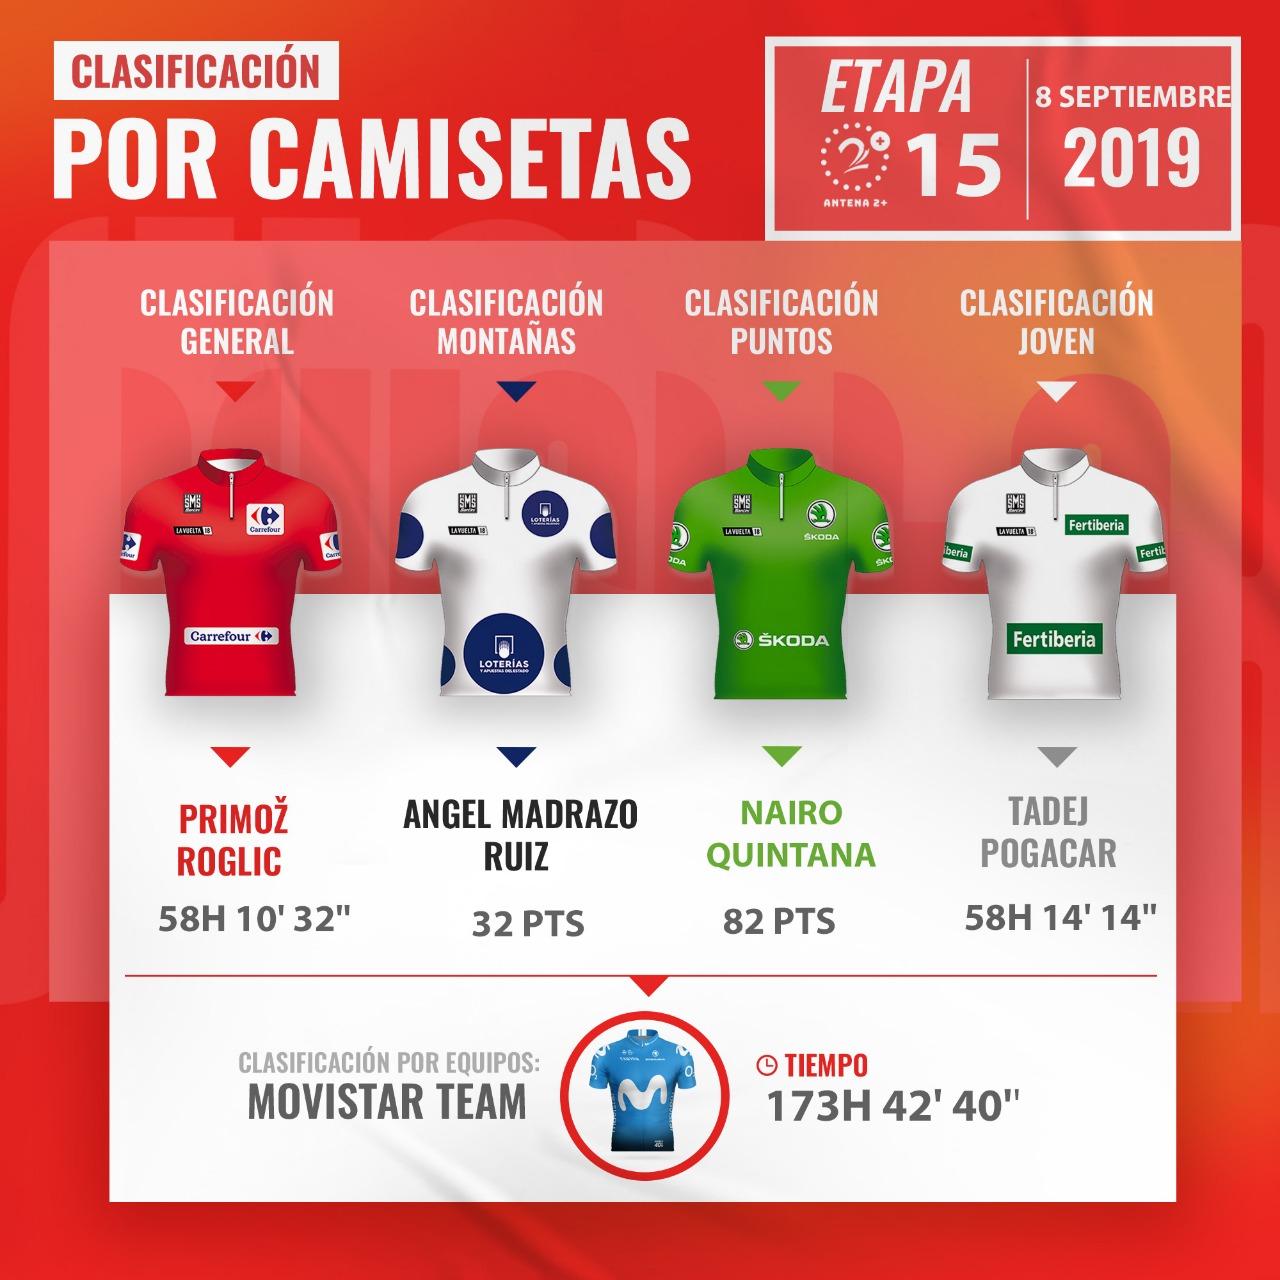 Clasificación de camisetas Vuelta a España